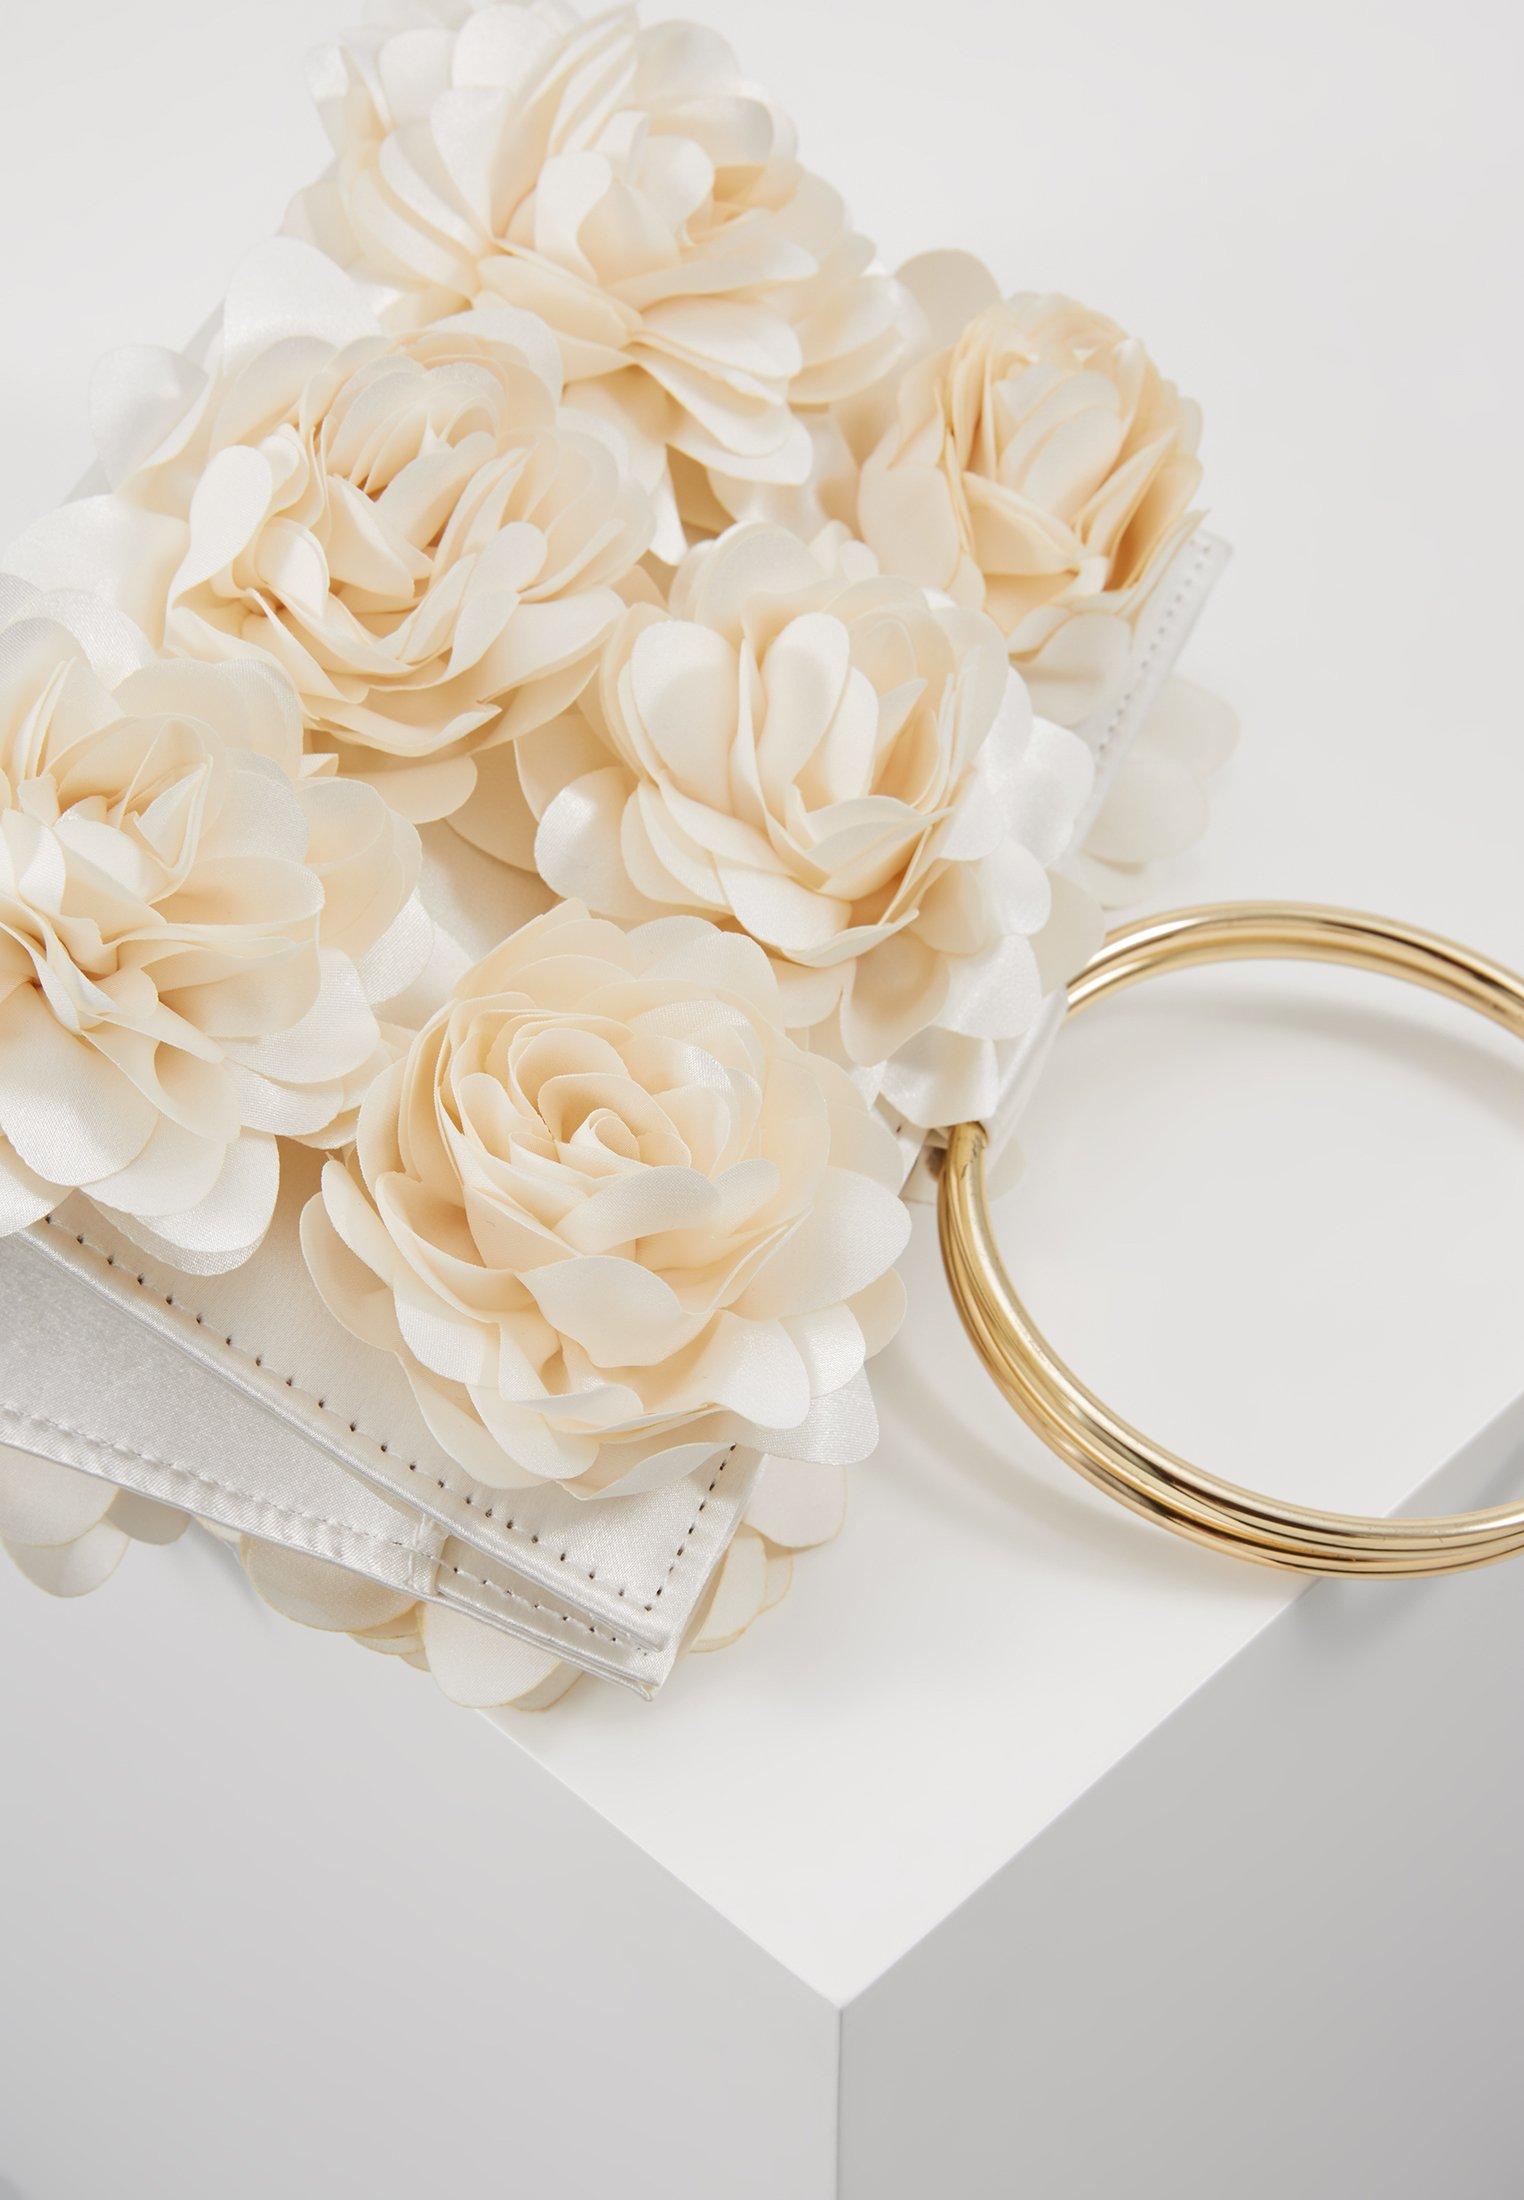 Mascara Clutch - Ivory/beige